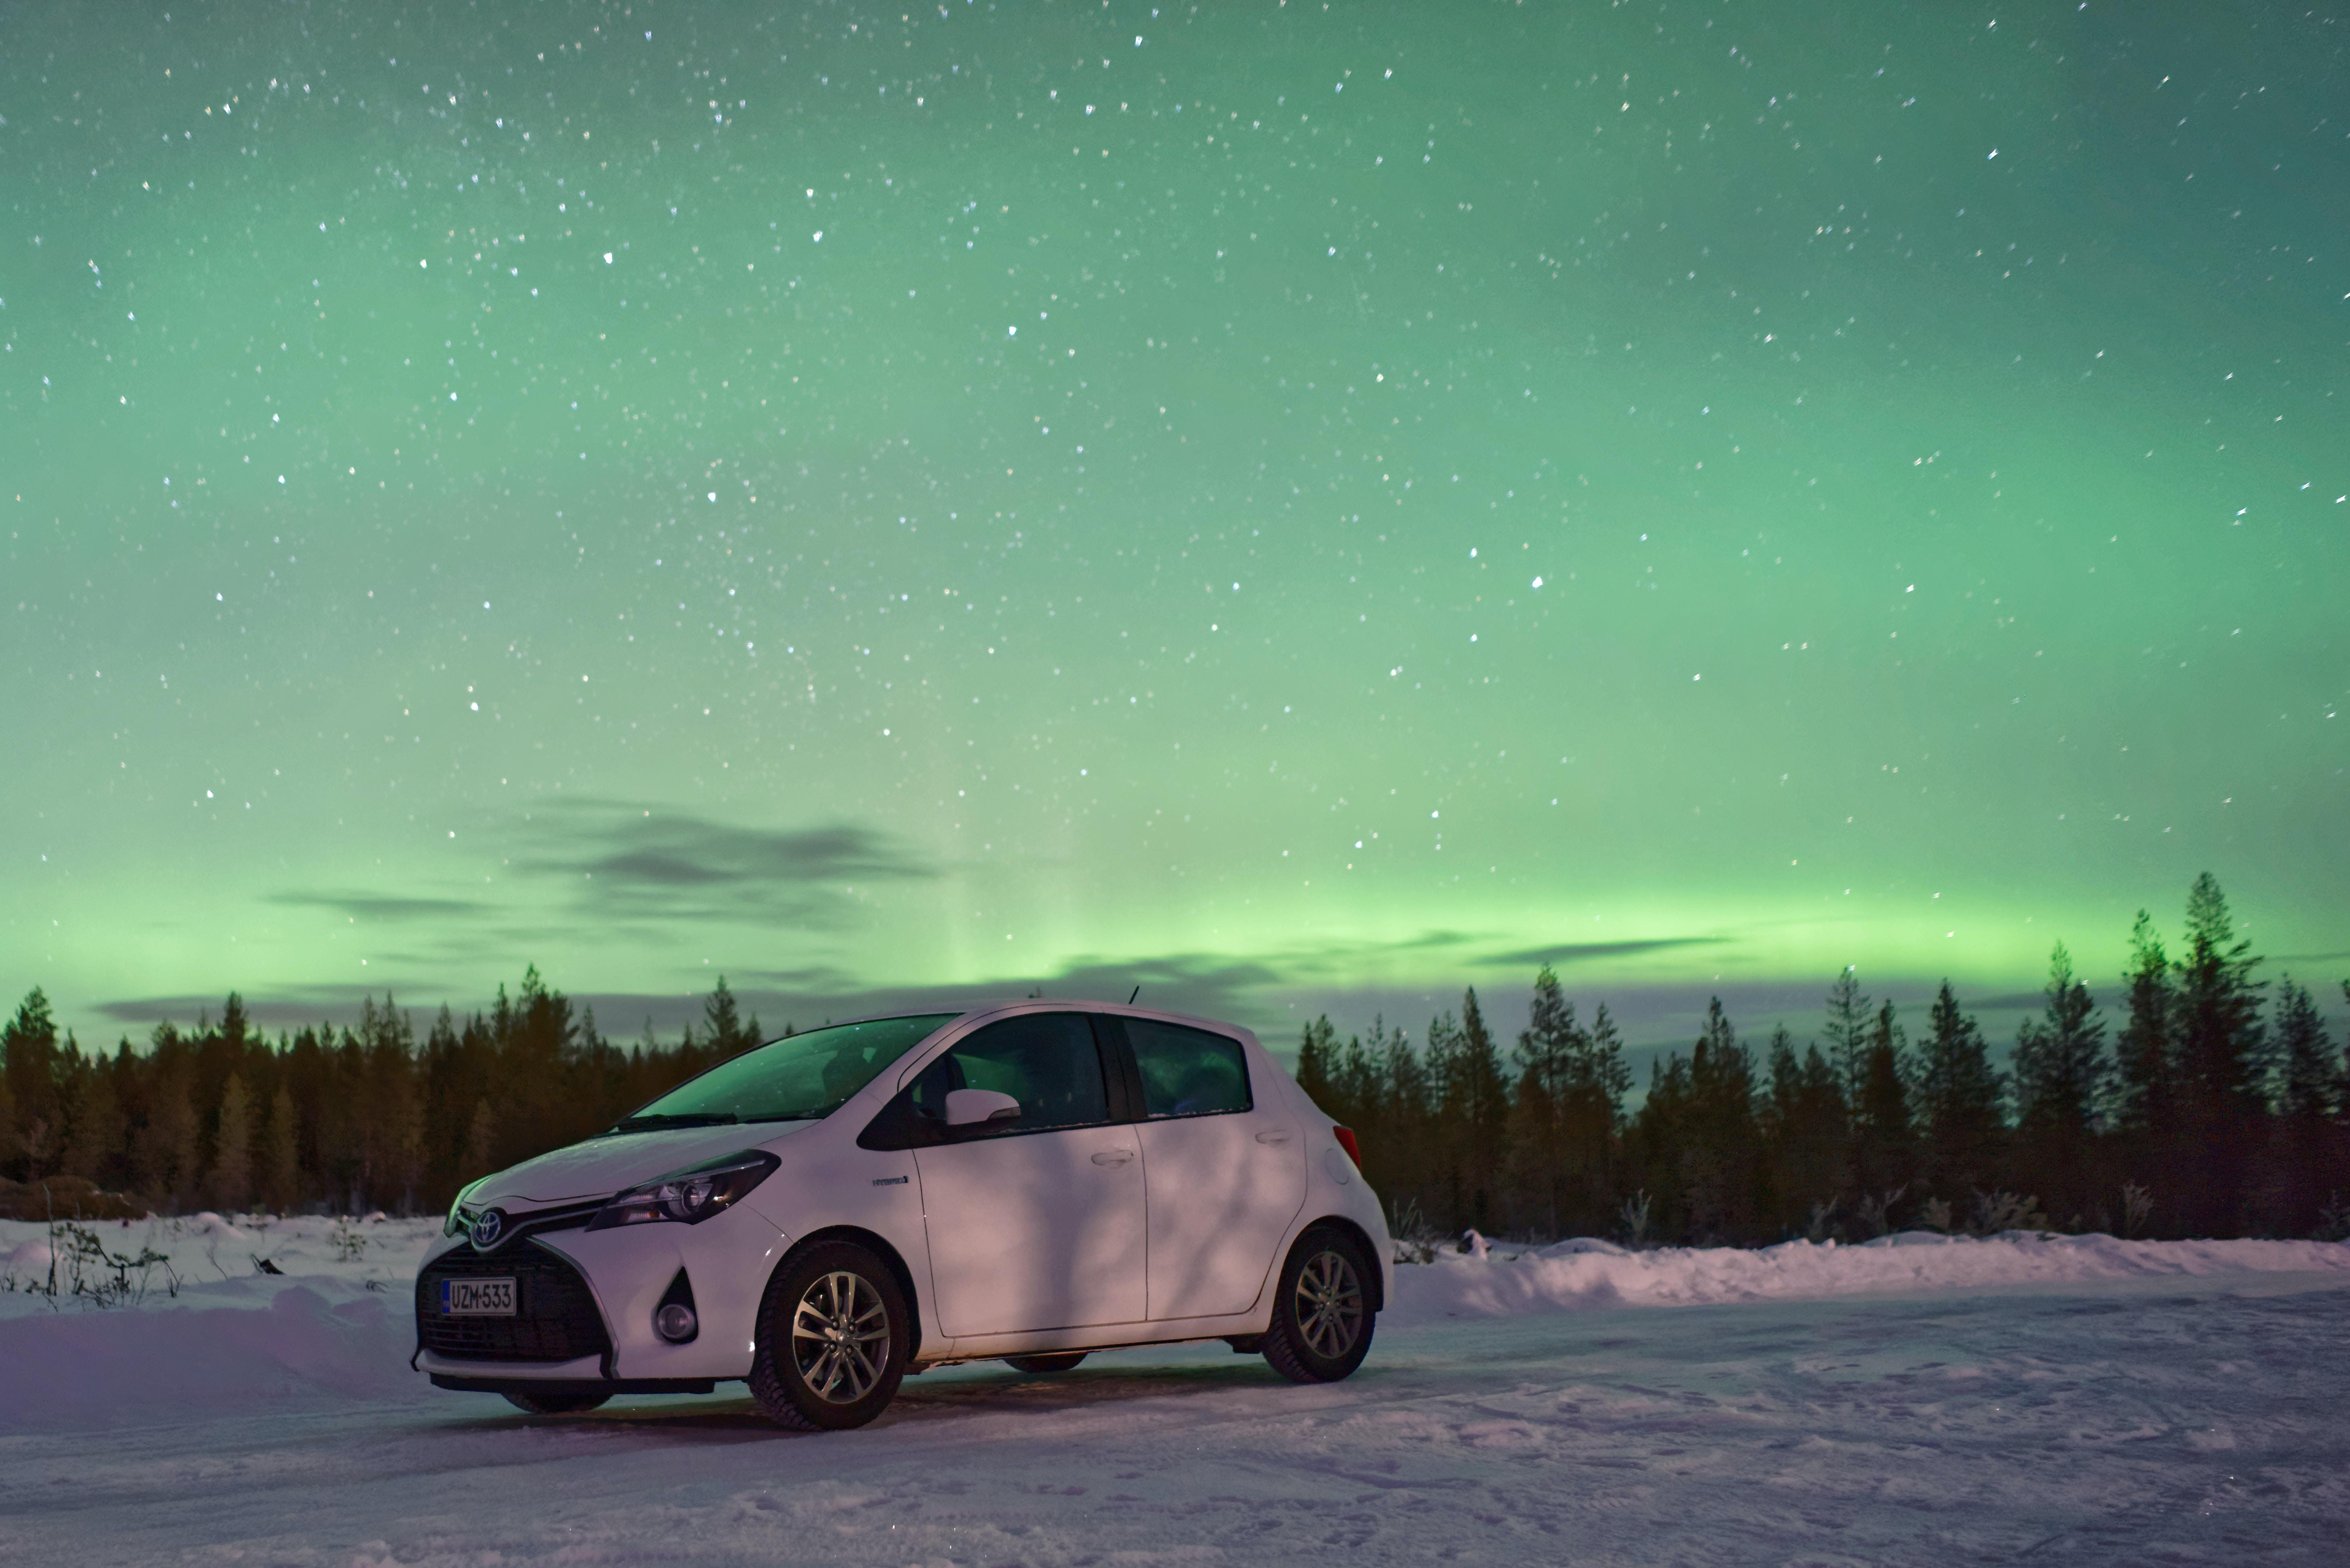 white 5-door hatchback on road